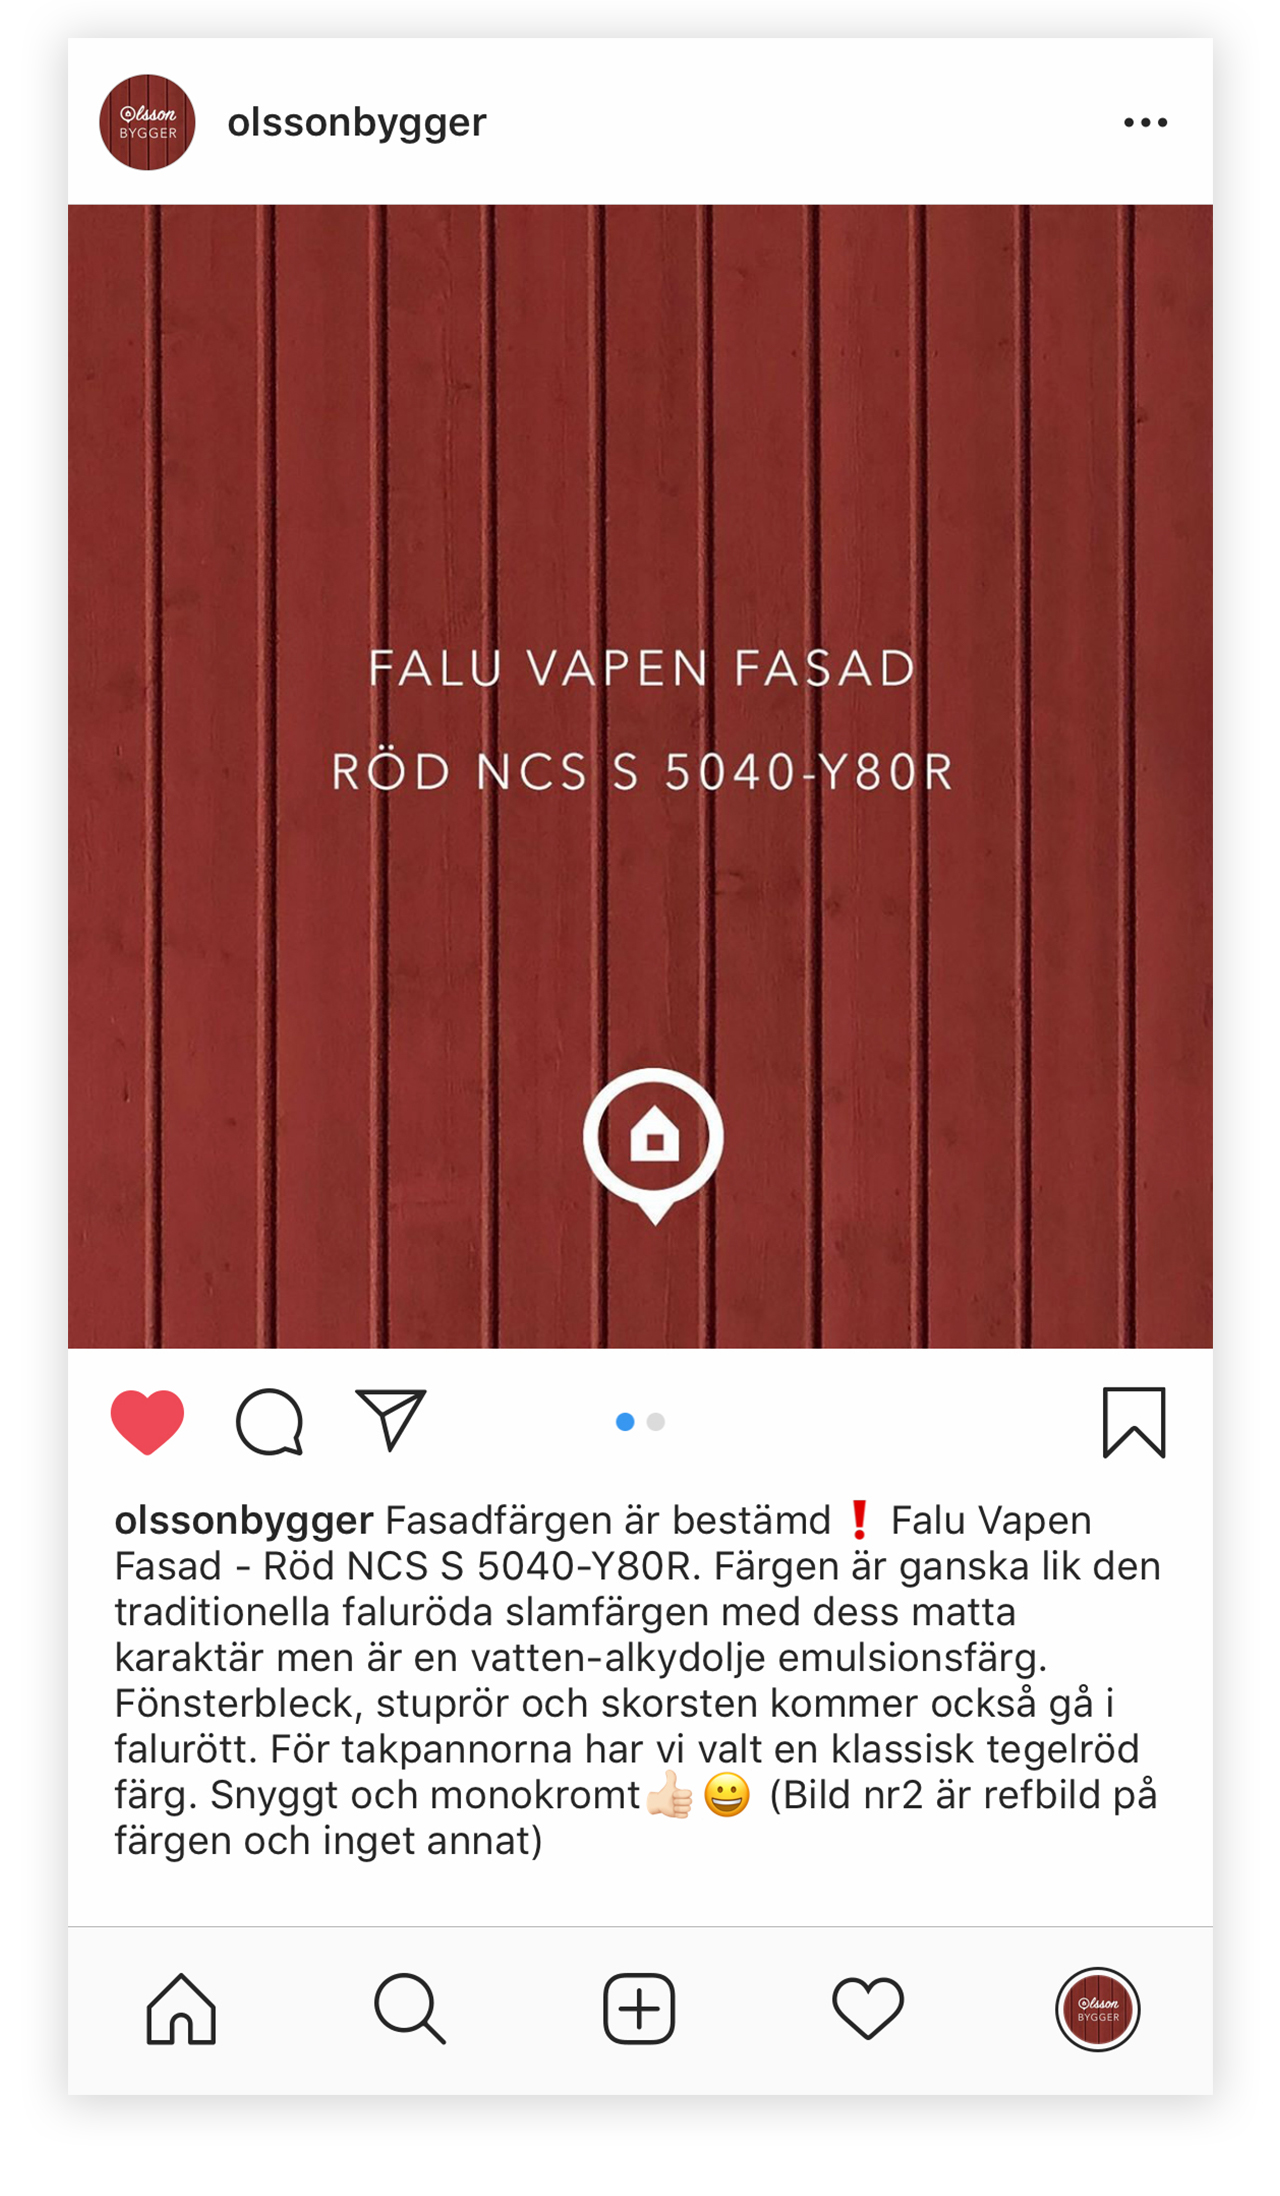 hanna-olsson-olssonbygger-instagram-inlagg.jpg